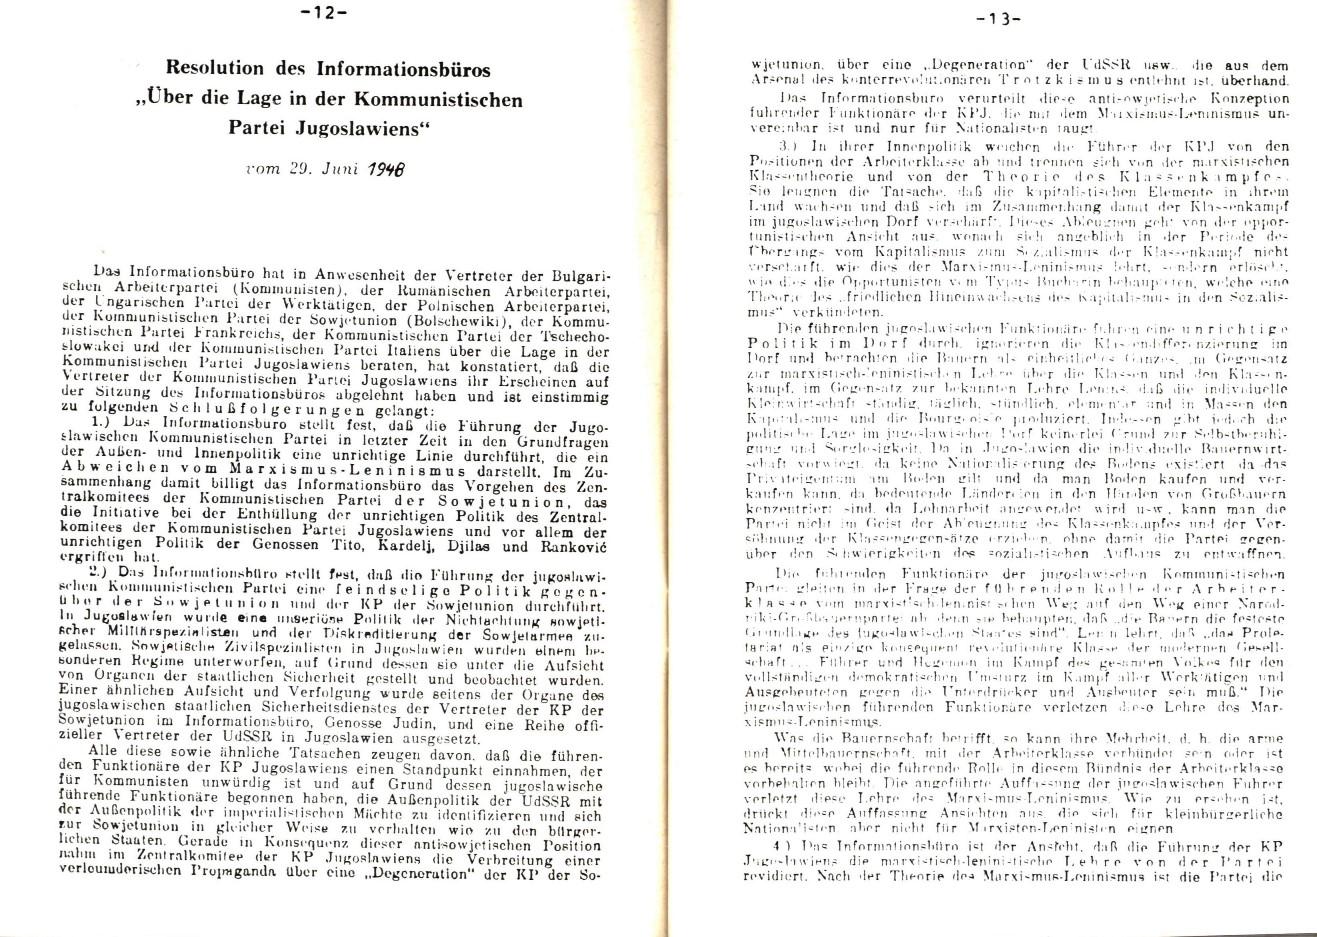 MLSK_Theorie_und_Praxis_des_ML_1979_24_08